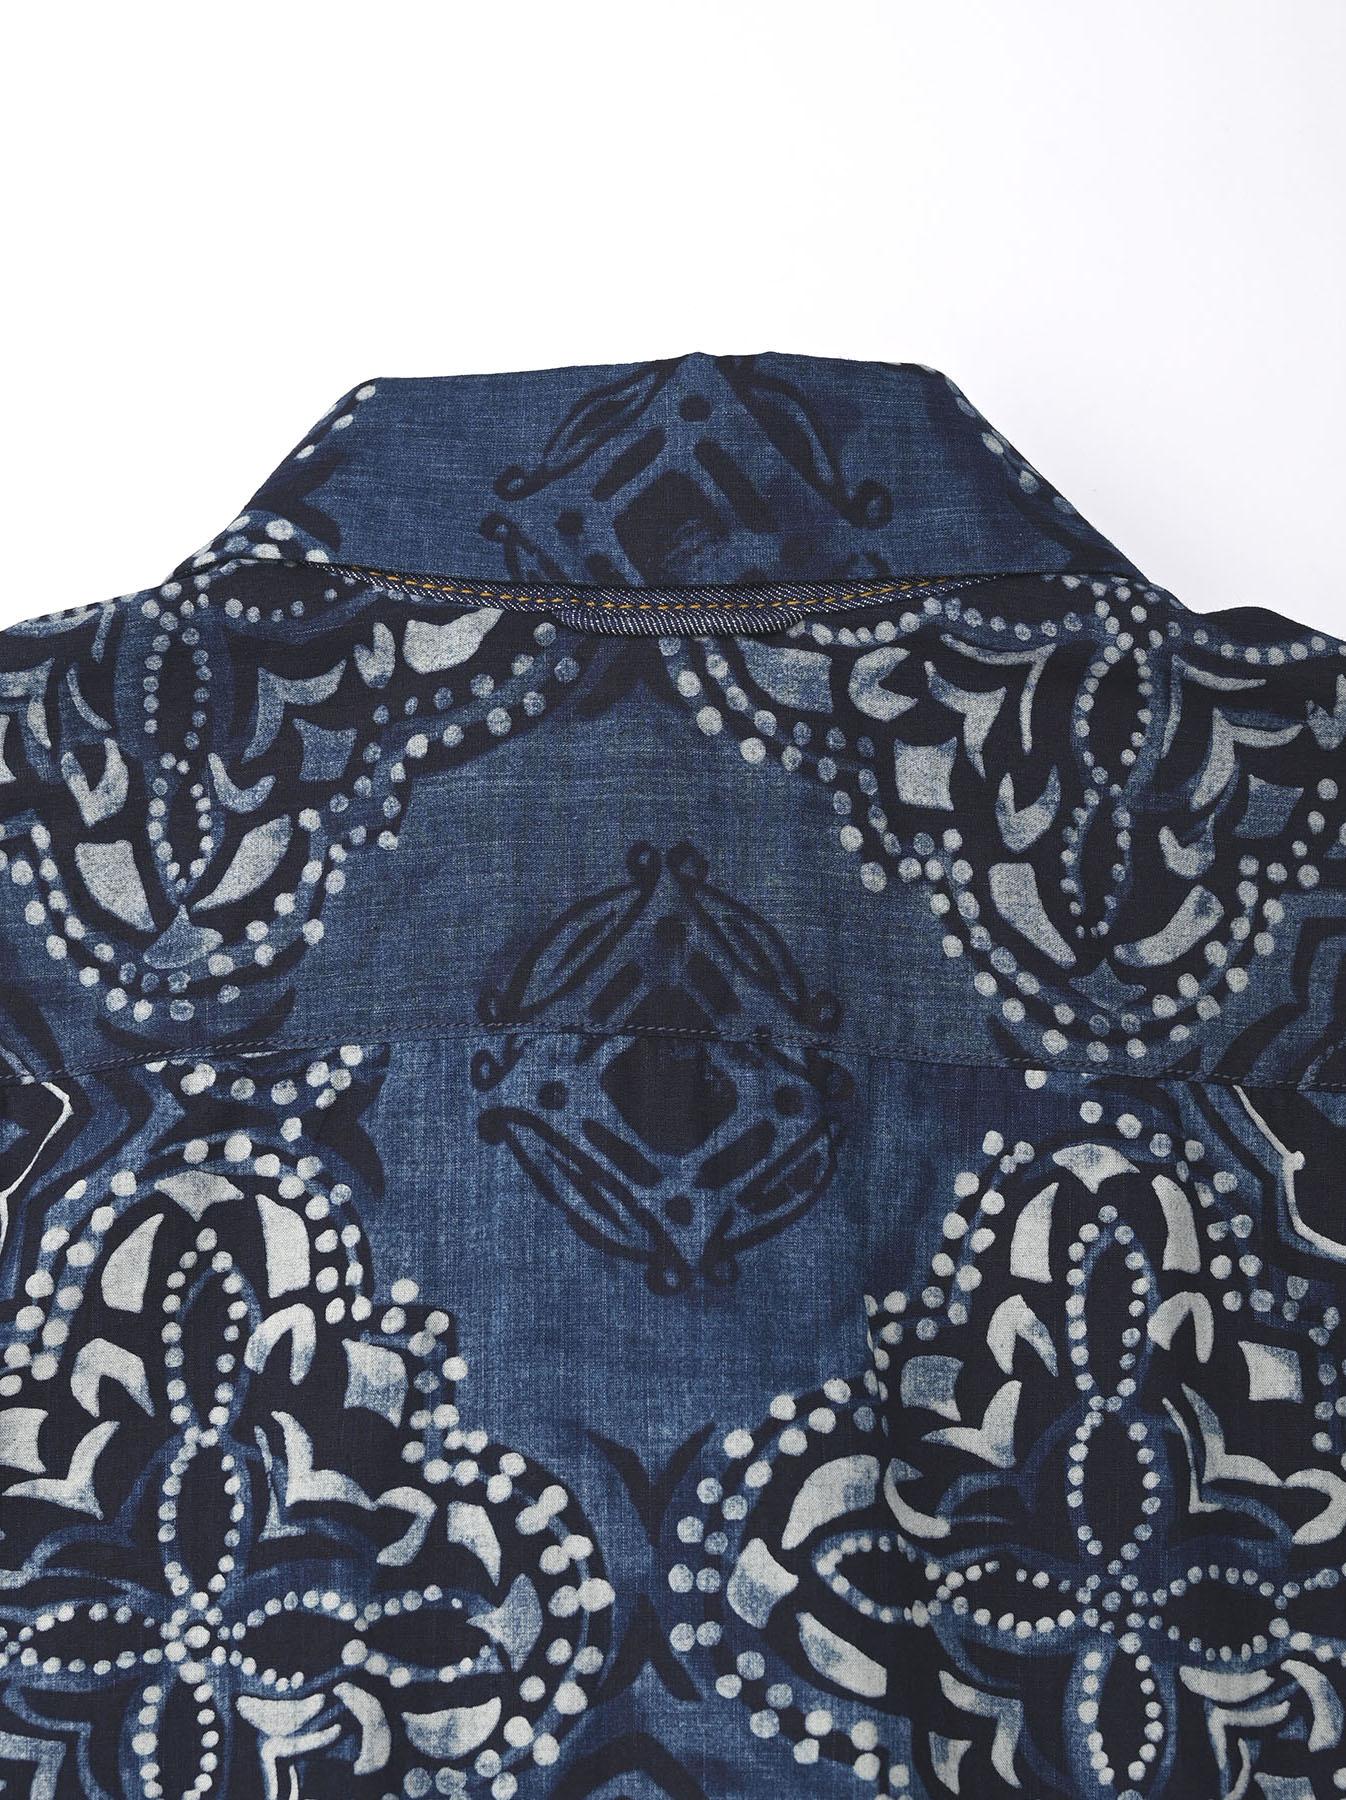 Batik Printed Capri Dress(0721)-10